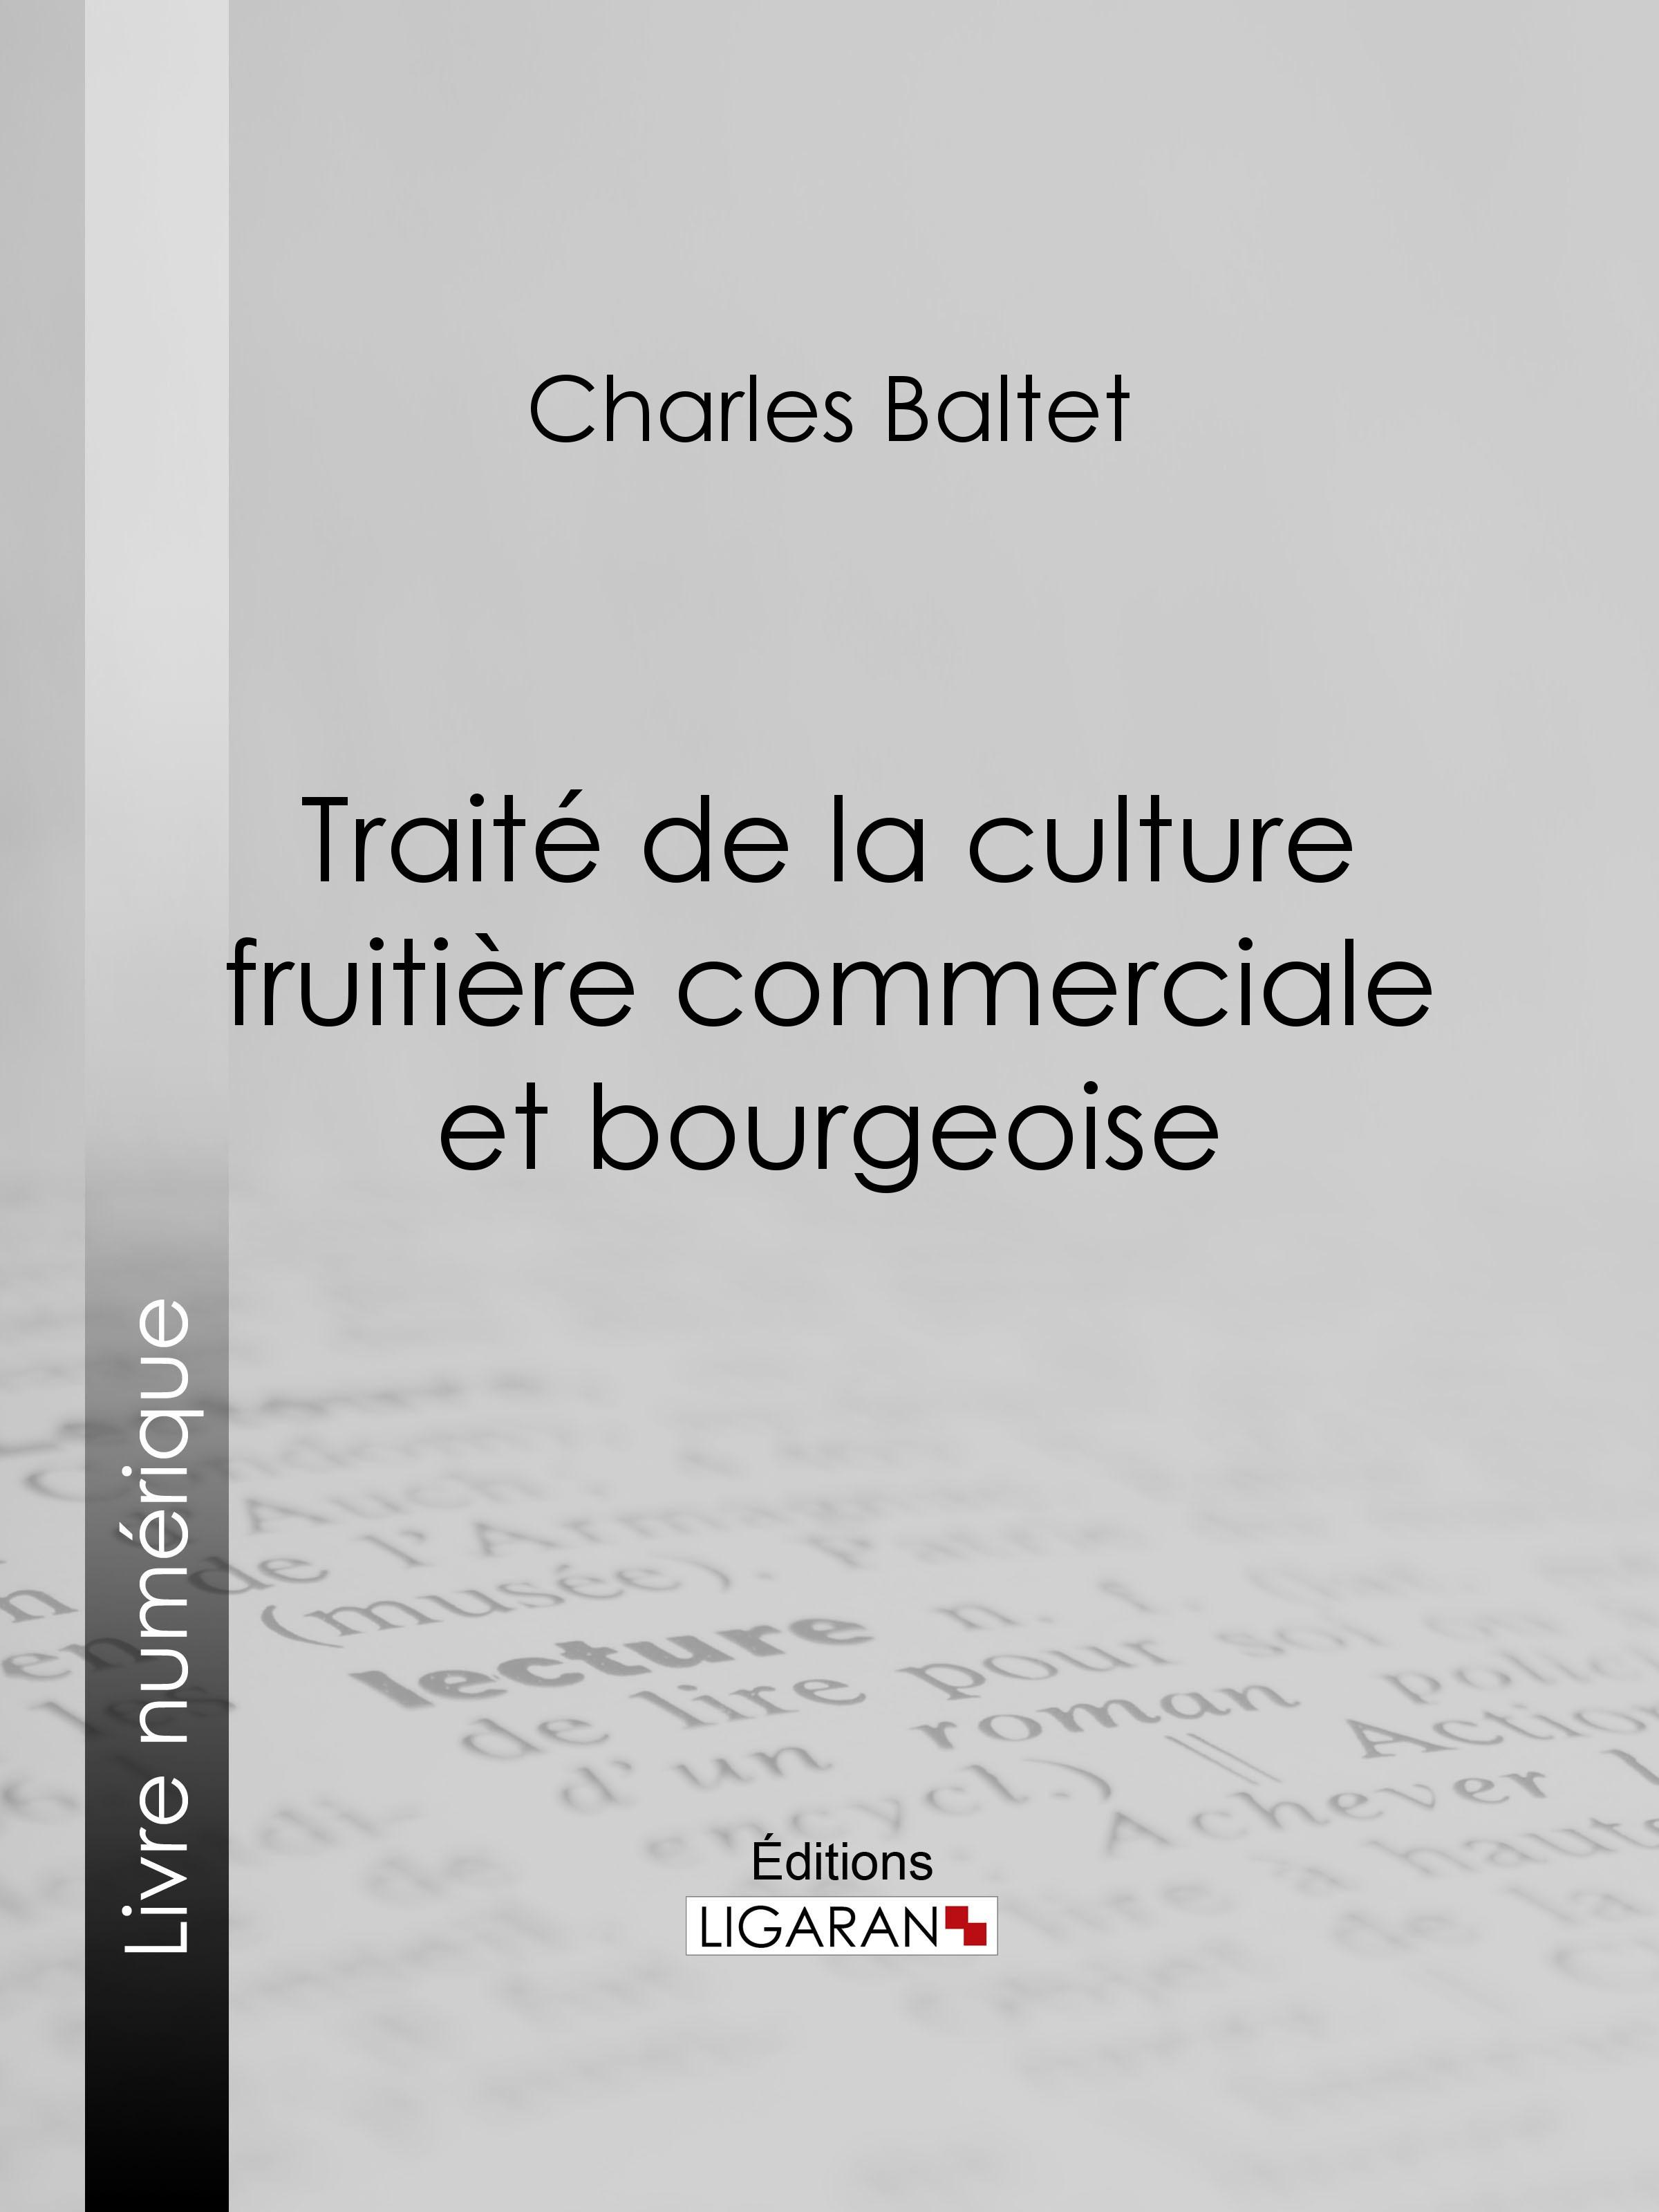 Traité de la culture fruitière commerciale et bourgeoise